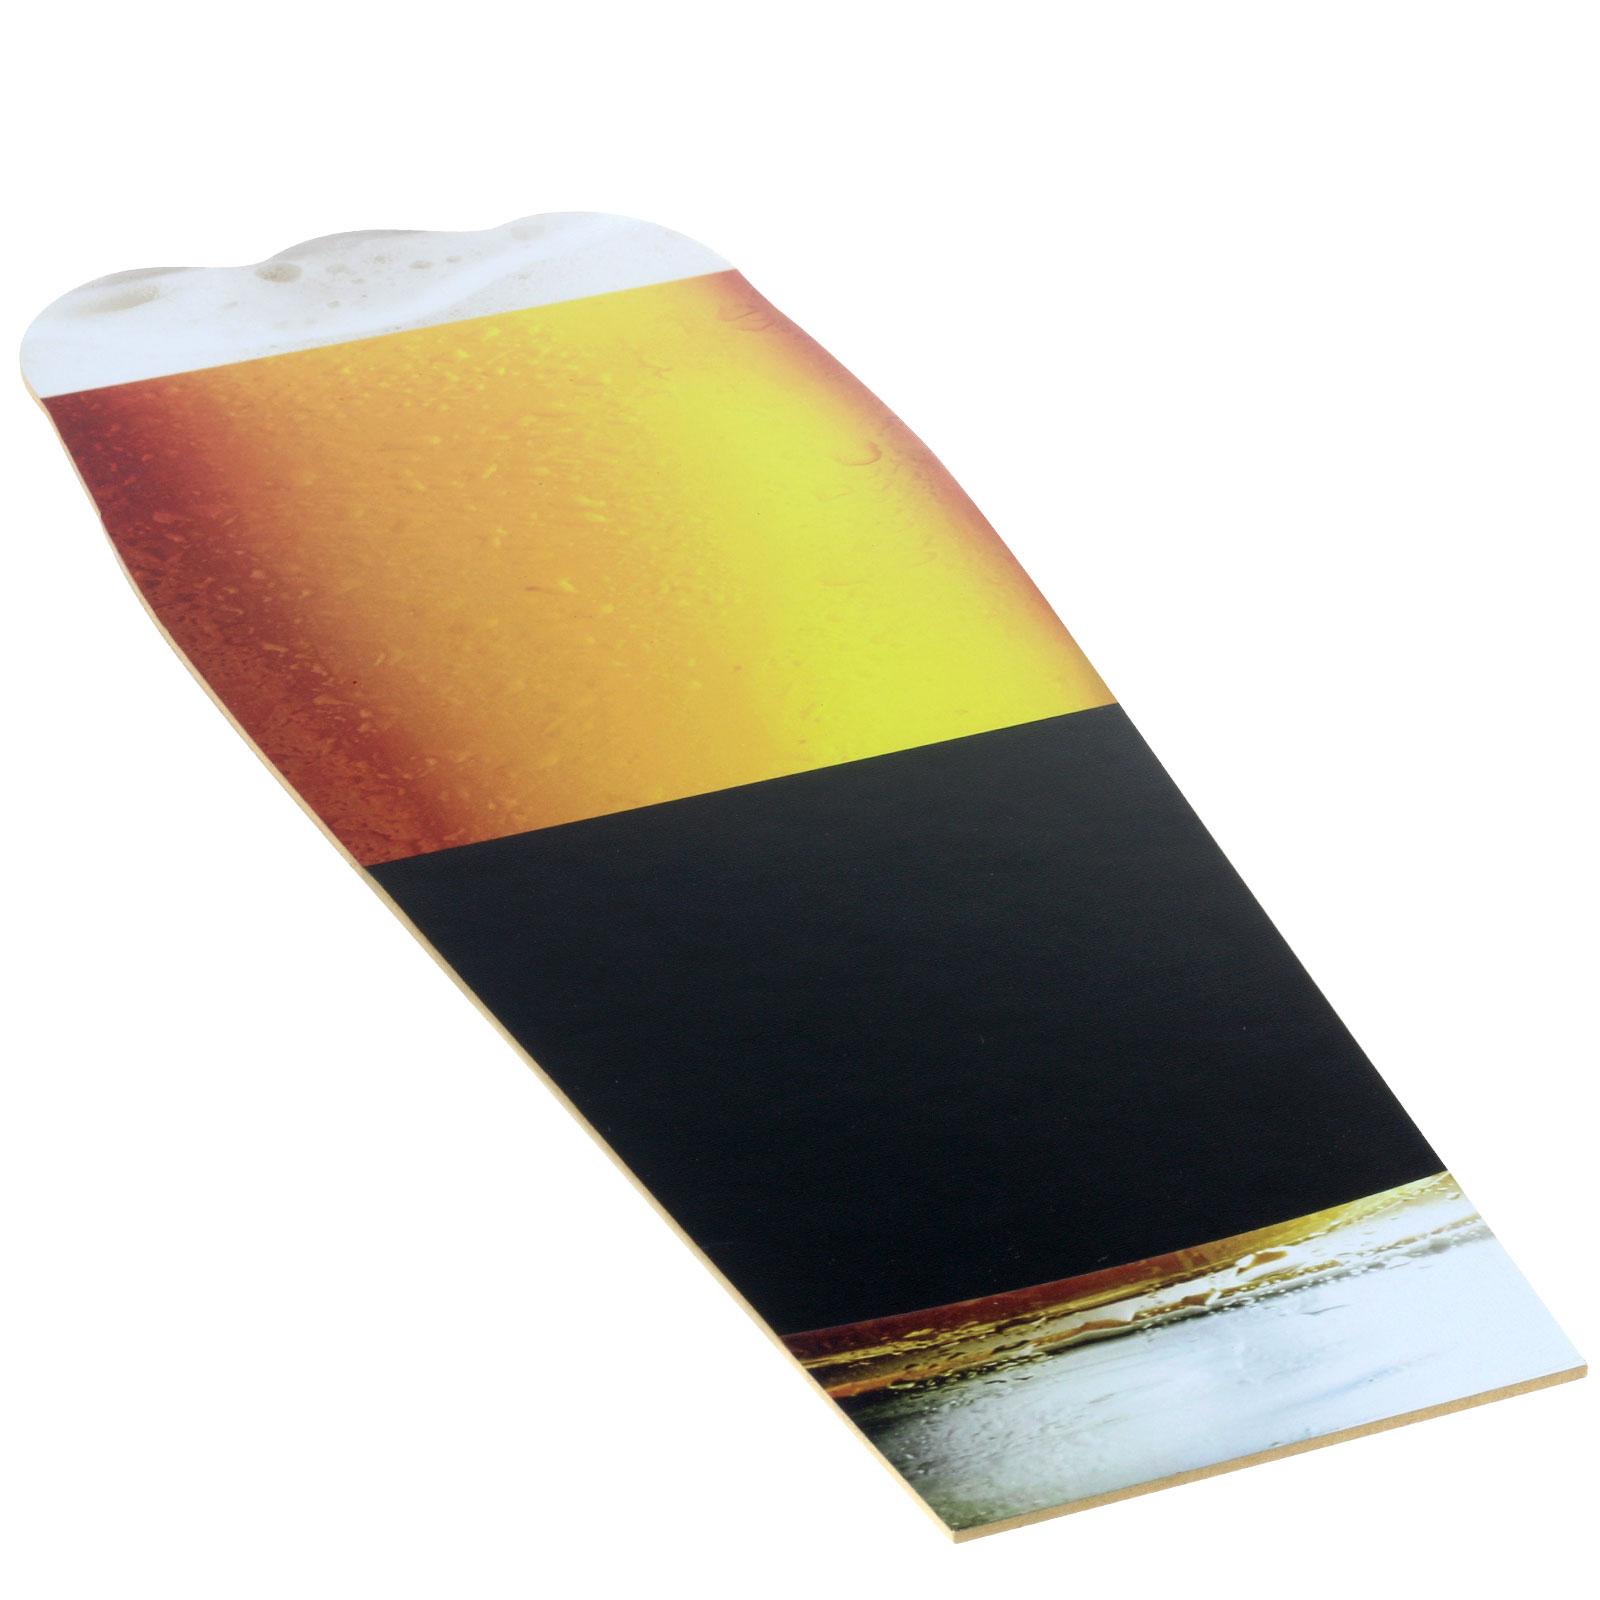 kreidetafel bier zum beschreiben mit kreide wandtafel bierglas. Black Bedroom Furniture Sets. Home Design Ideas